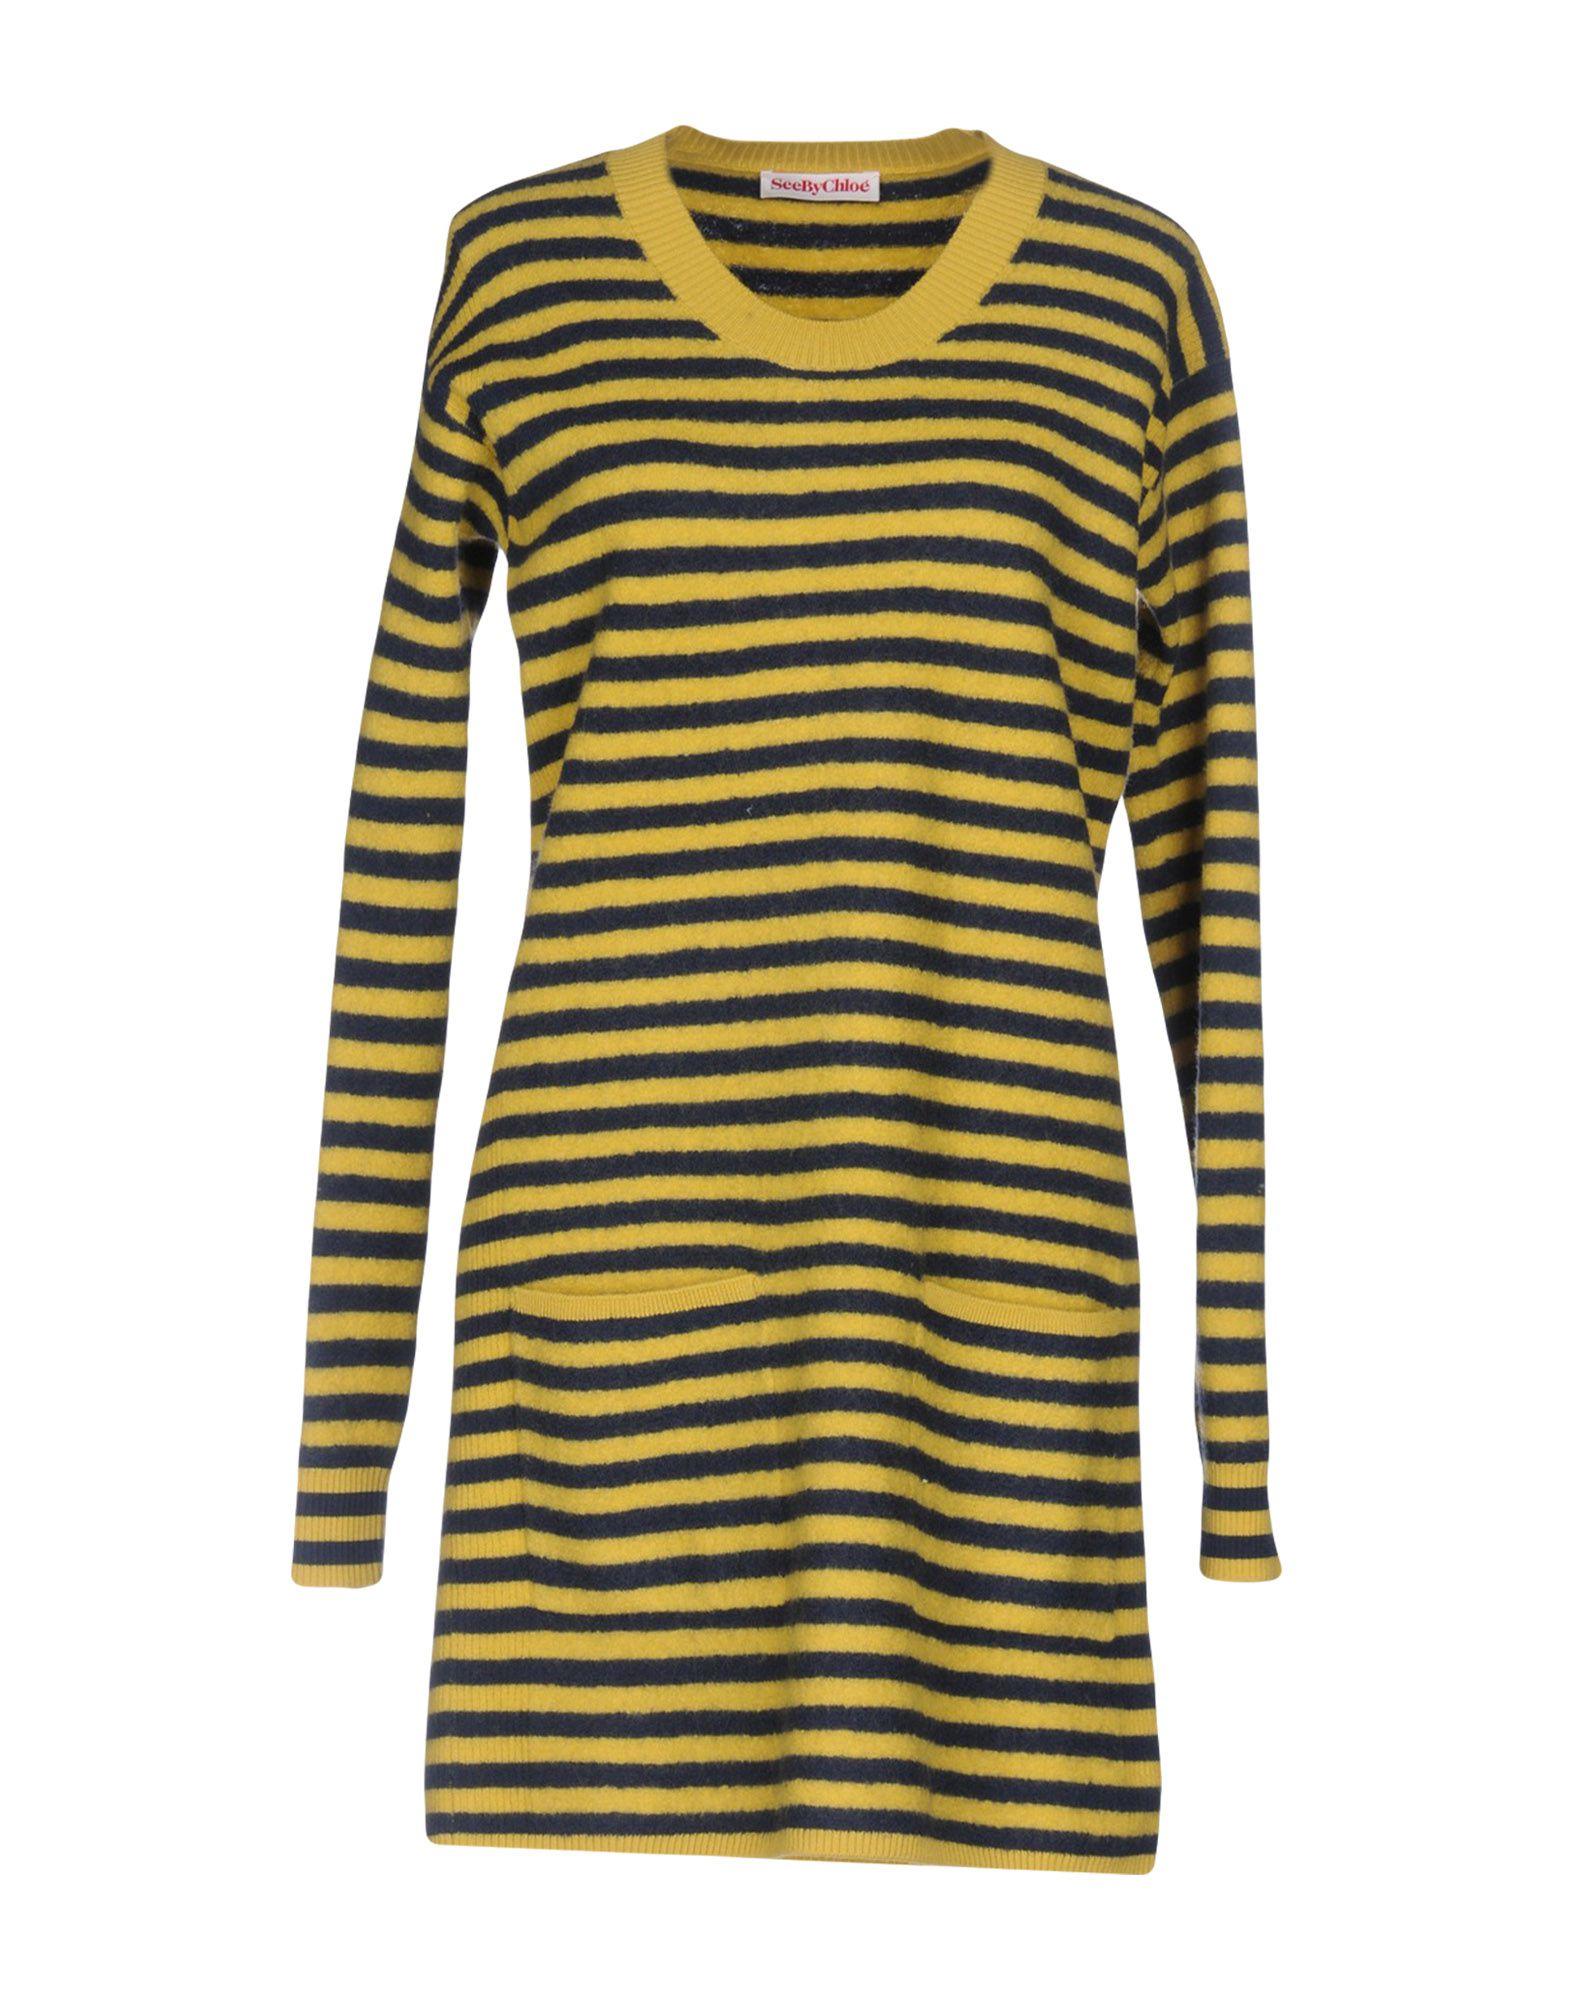 SEE BY CHLOÉ Damen Kurzes Kleid Farbe Gelb Größe 4